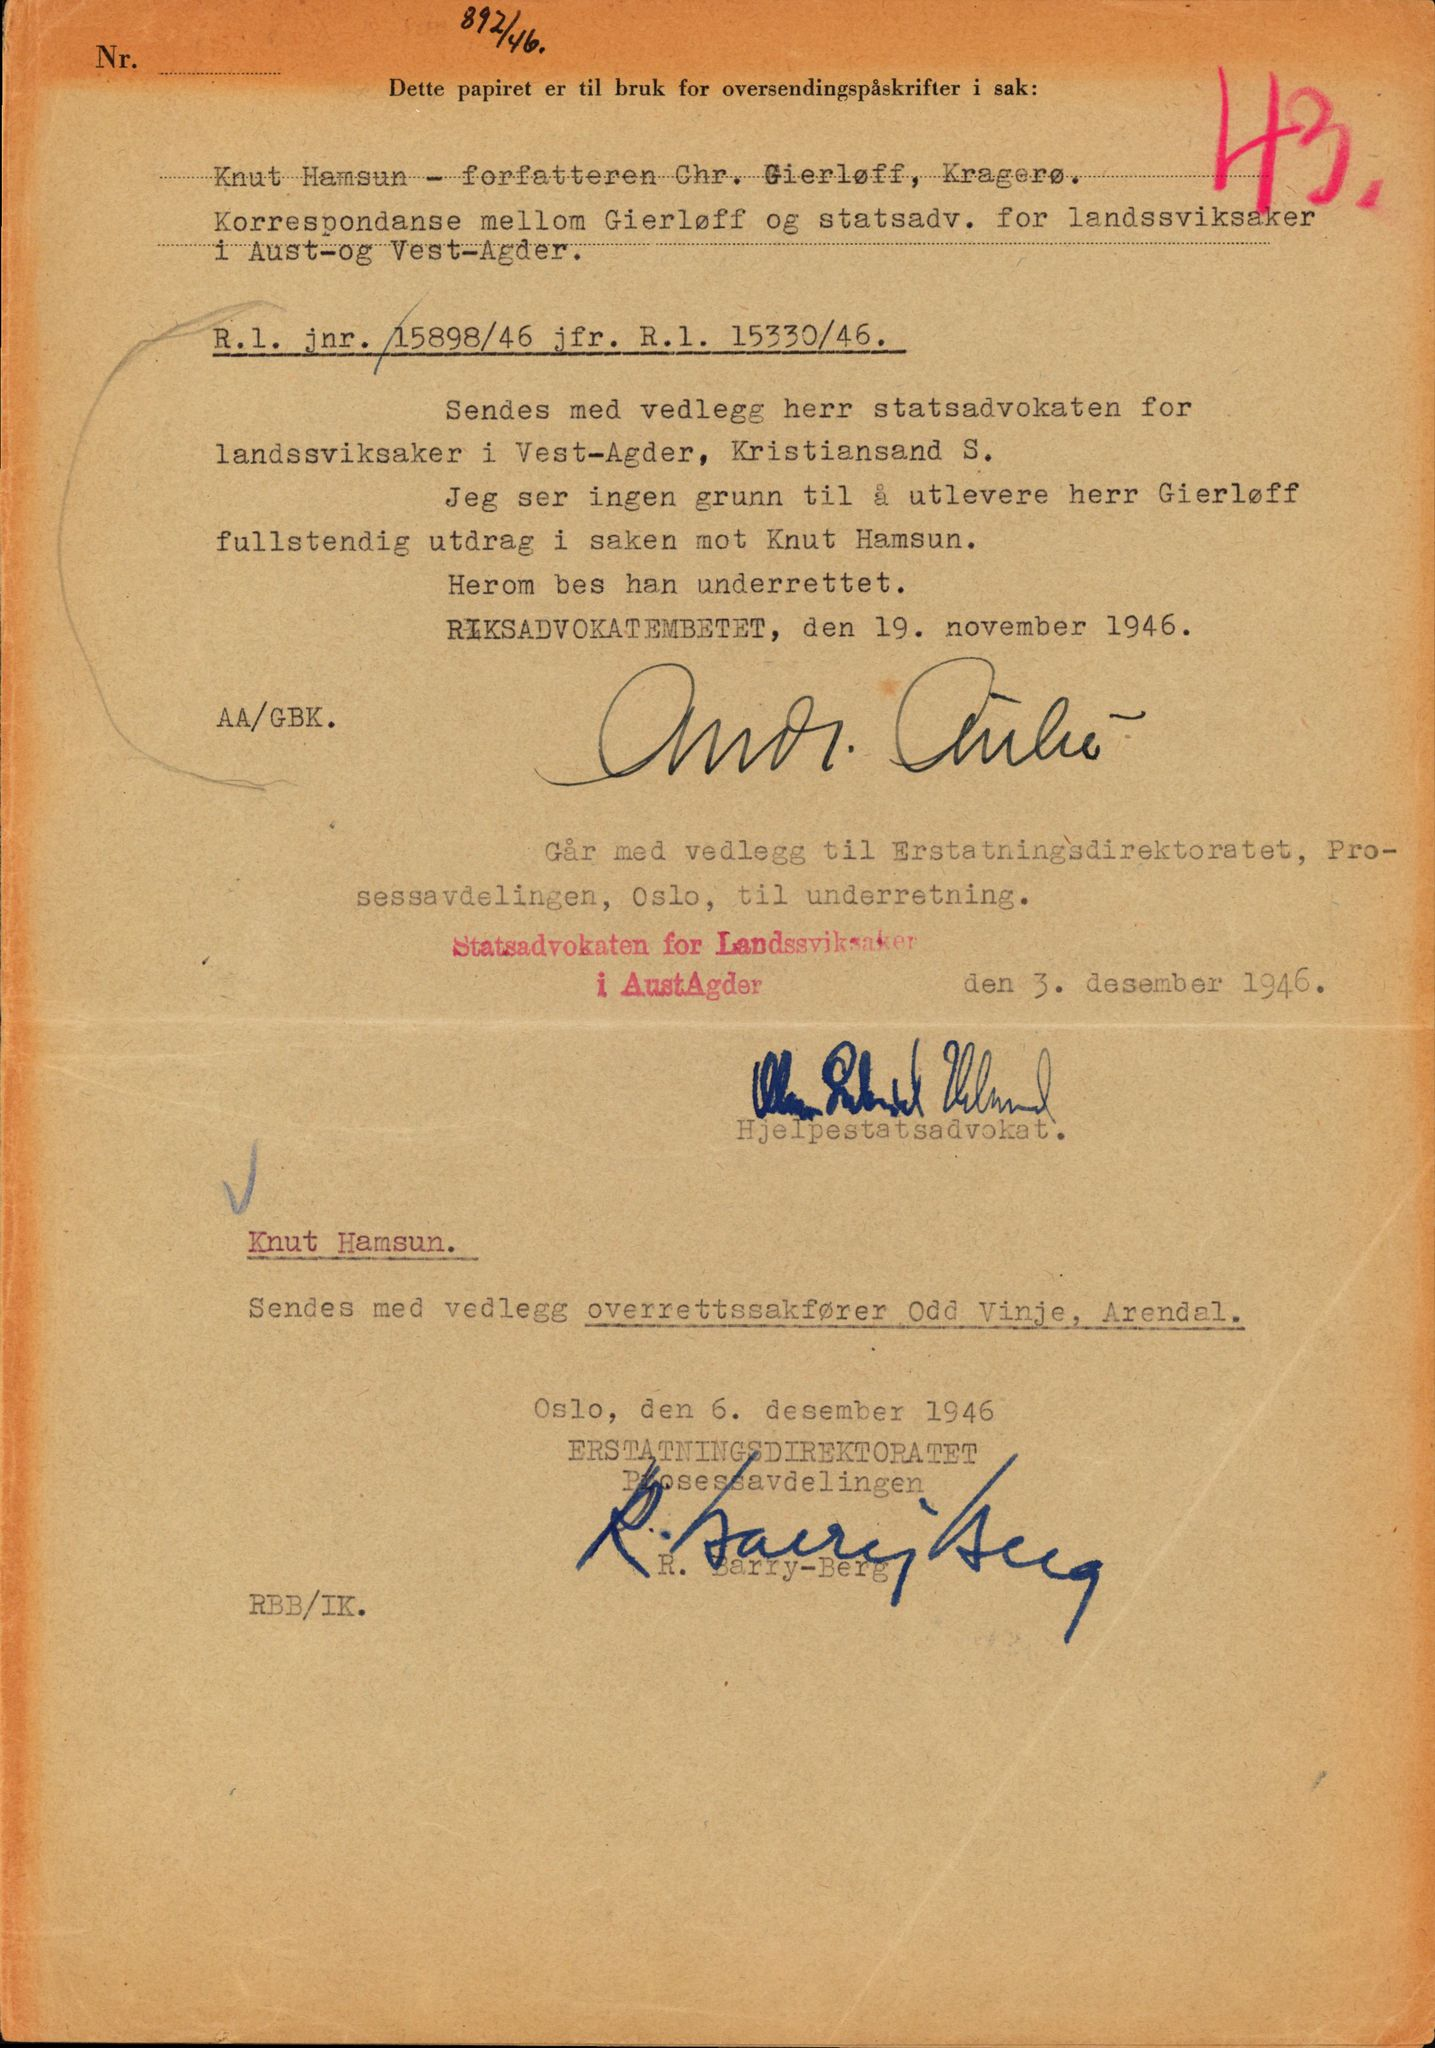 RA, Landssvikarkivet, Arendal politikammer, D/Dc/L0029: Anr. 192/45, 1945-1951, s. 399